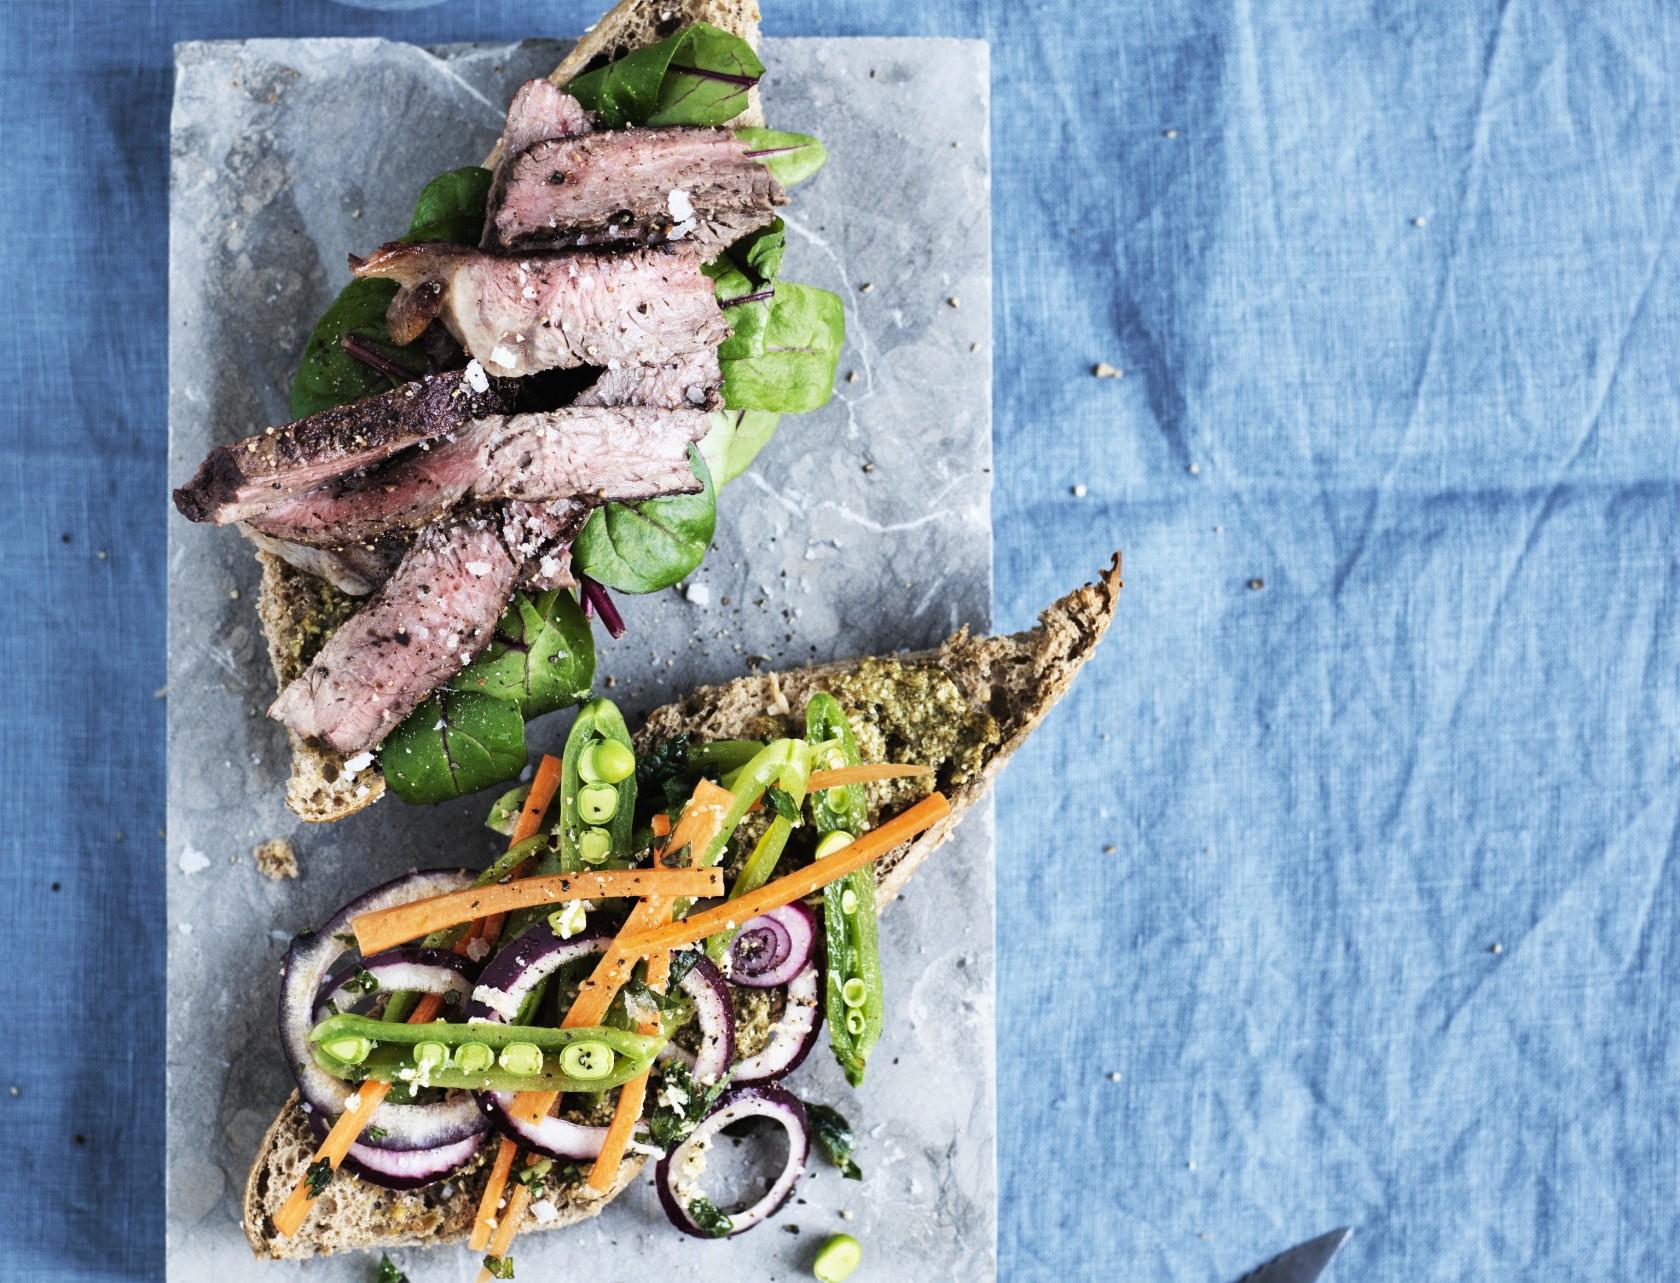 Sandwich med bøf og salat - lækker opskrift på luksus-frokost.